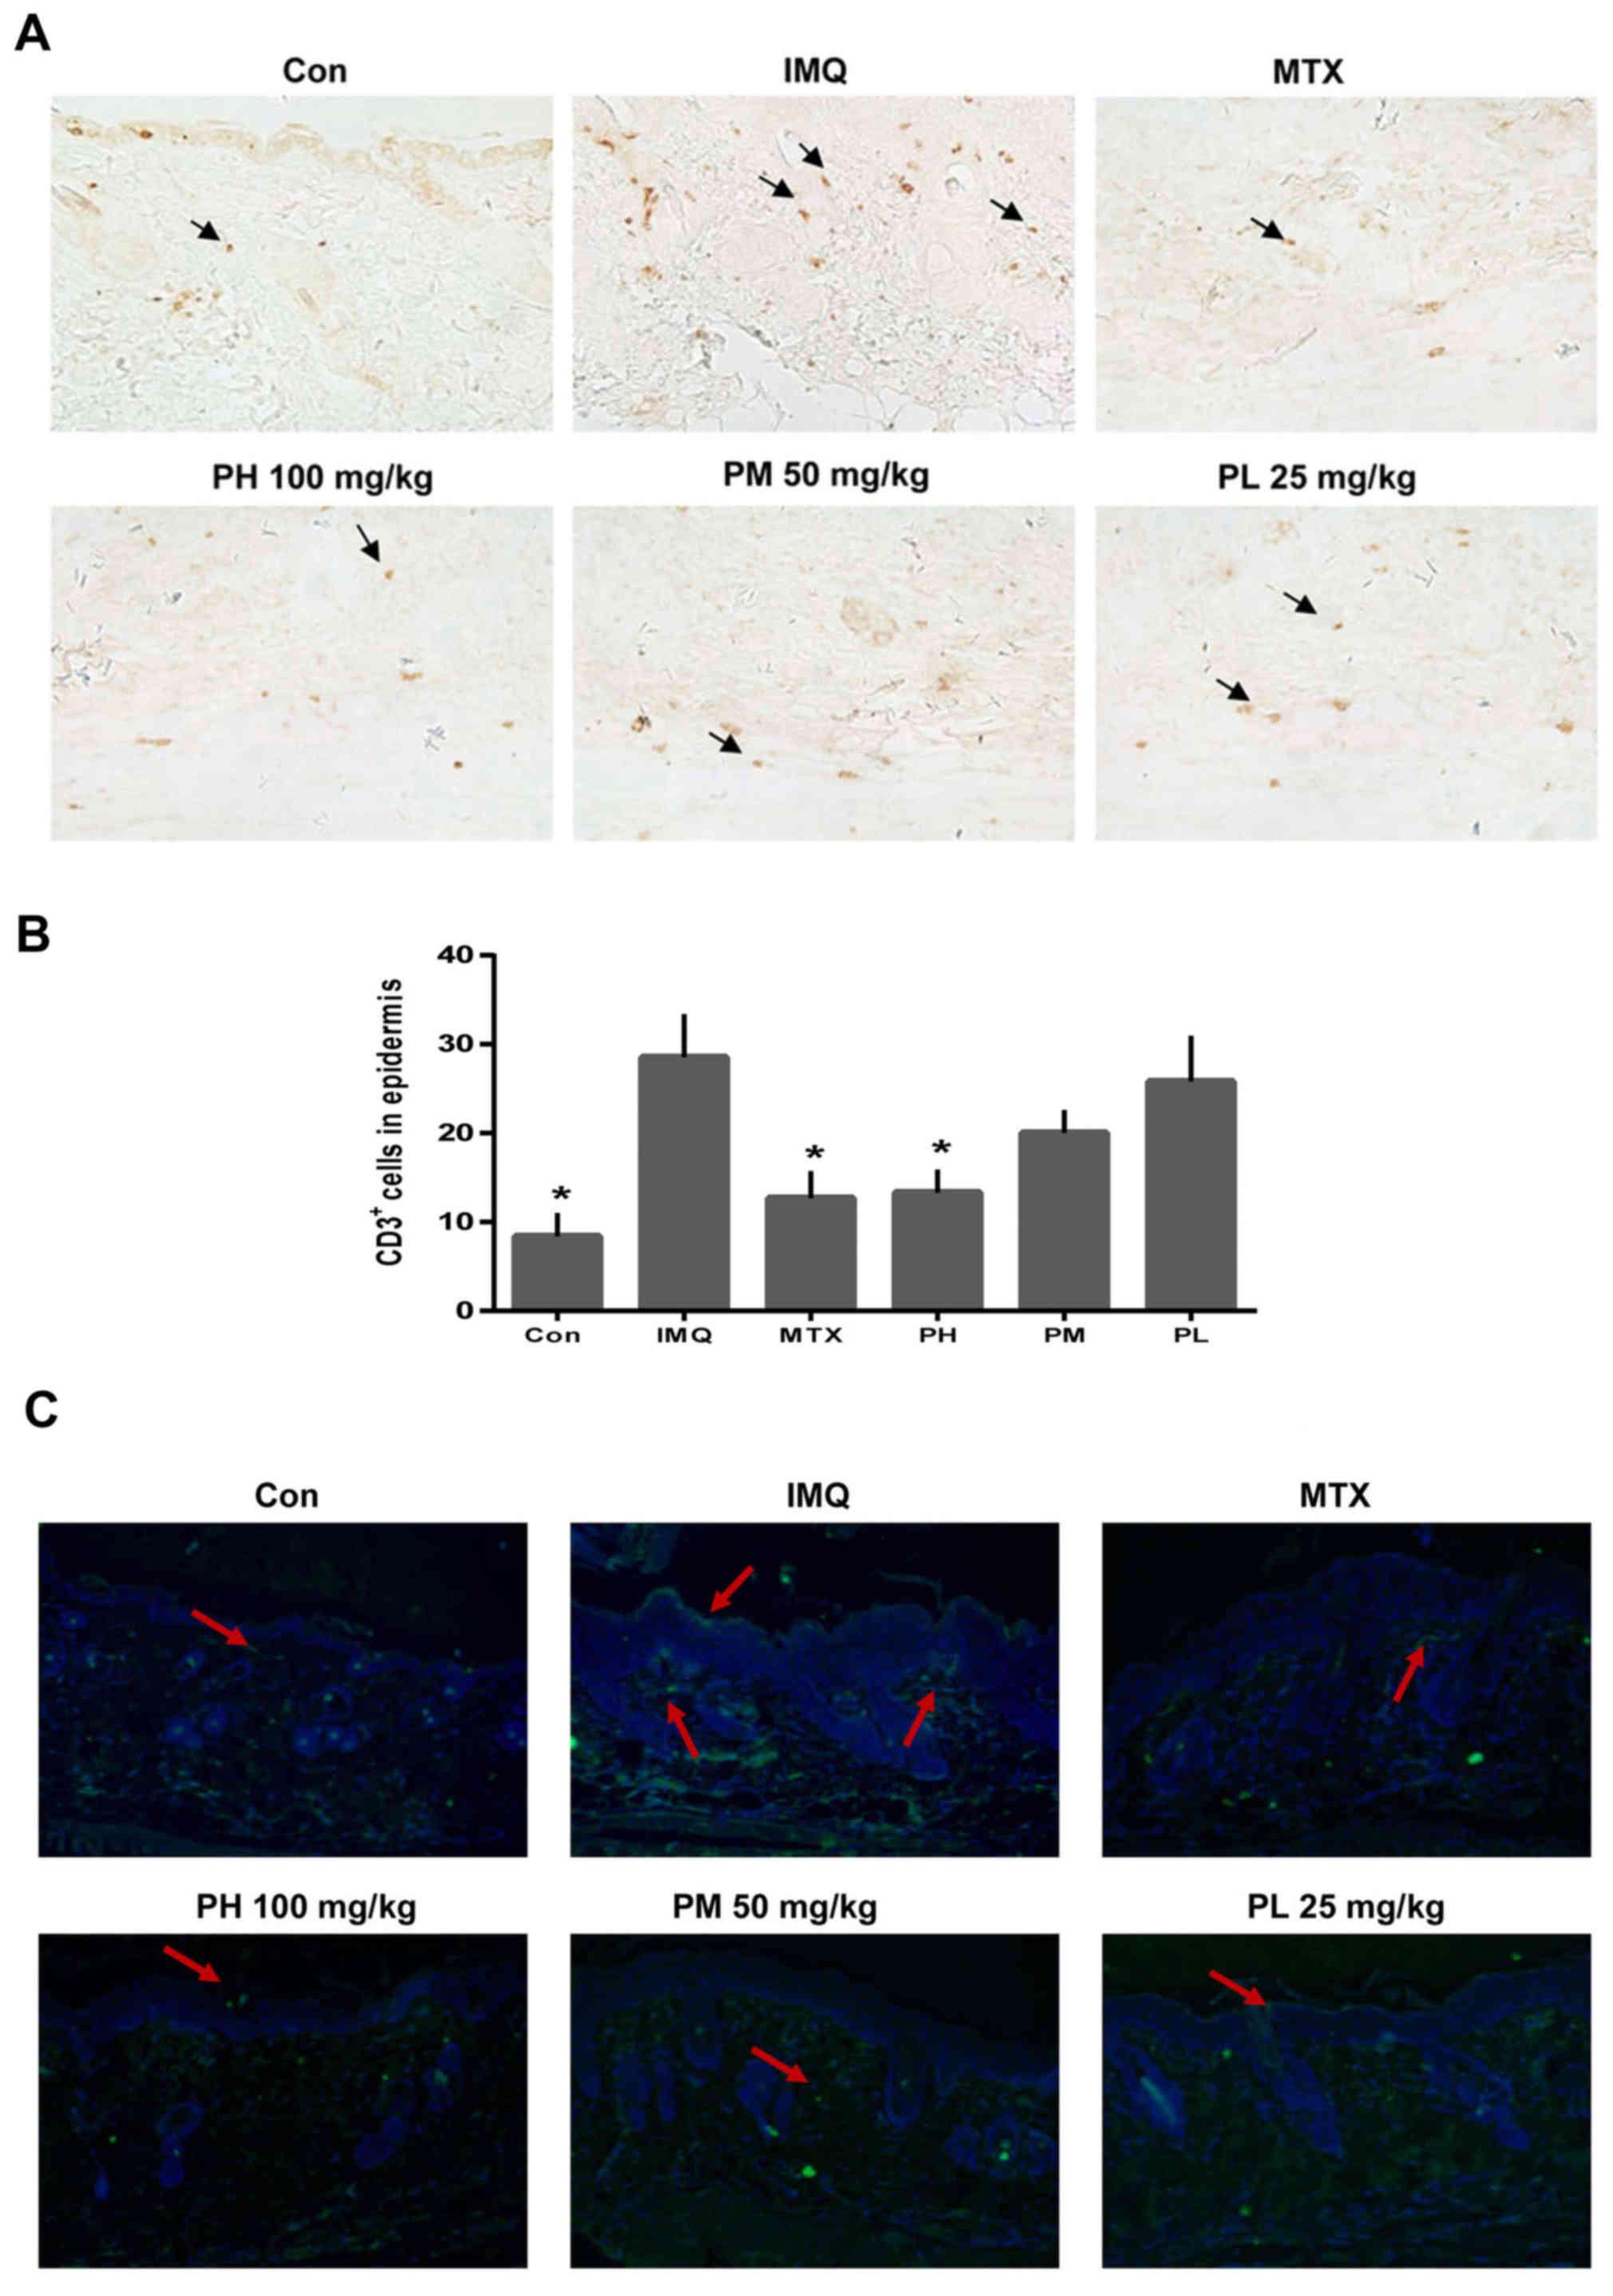 Paeonol ameliorates imiquimod-induced psoriasis-like skin